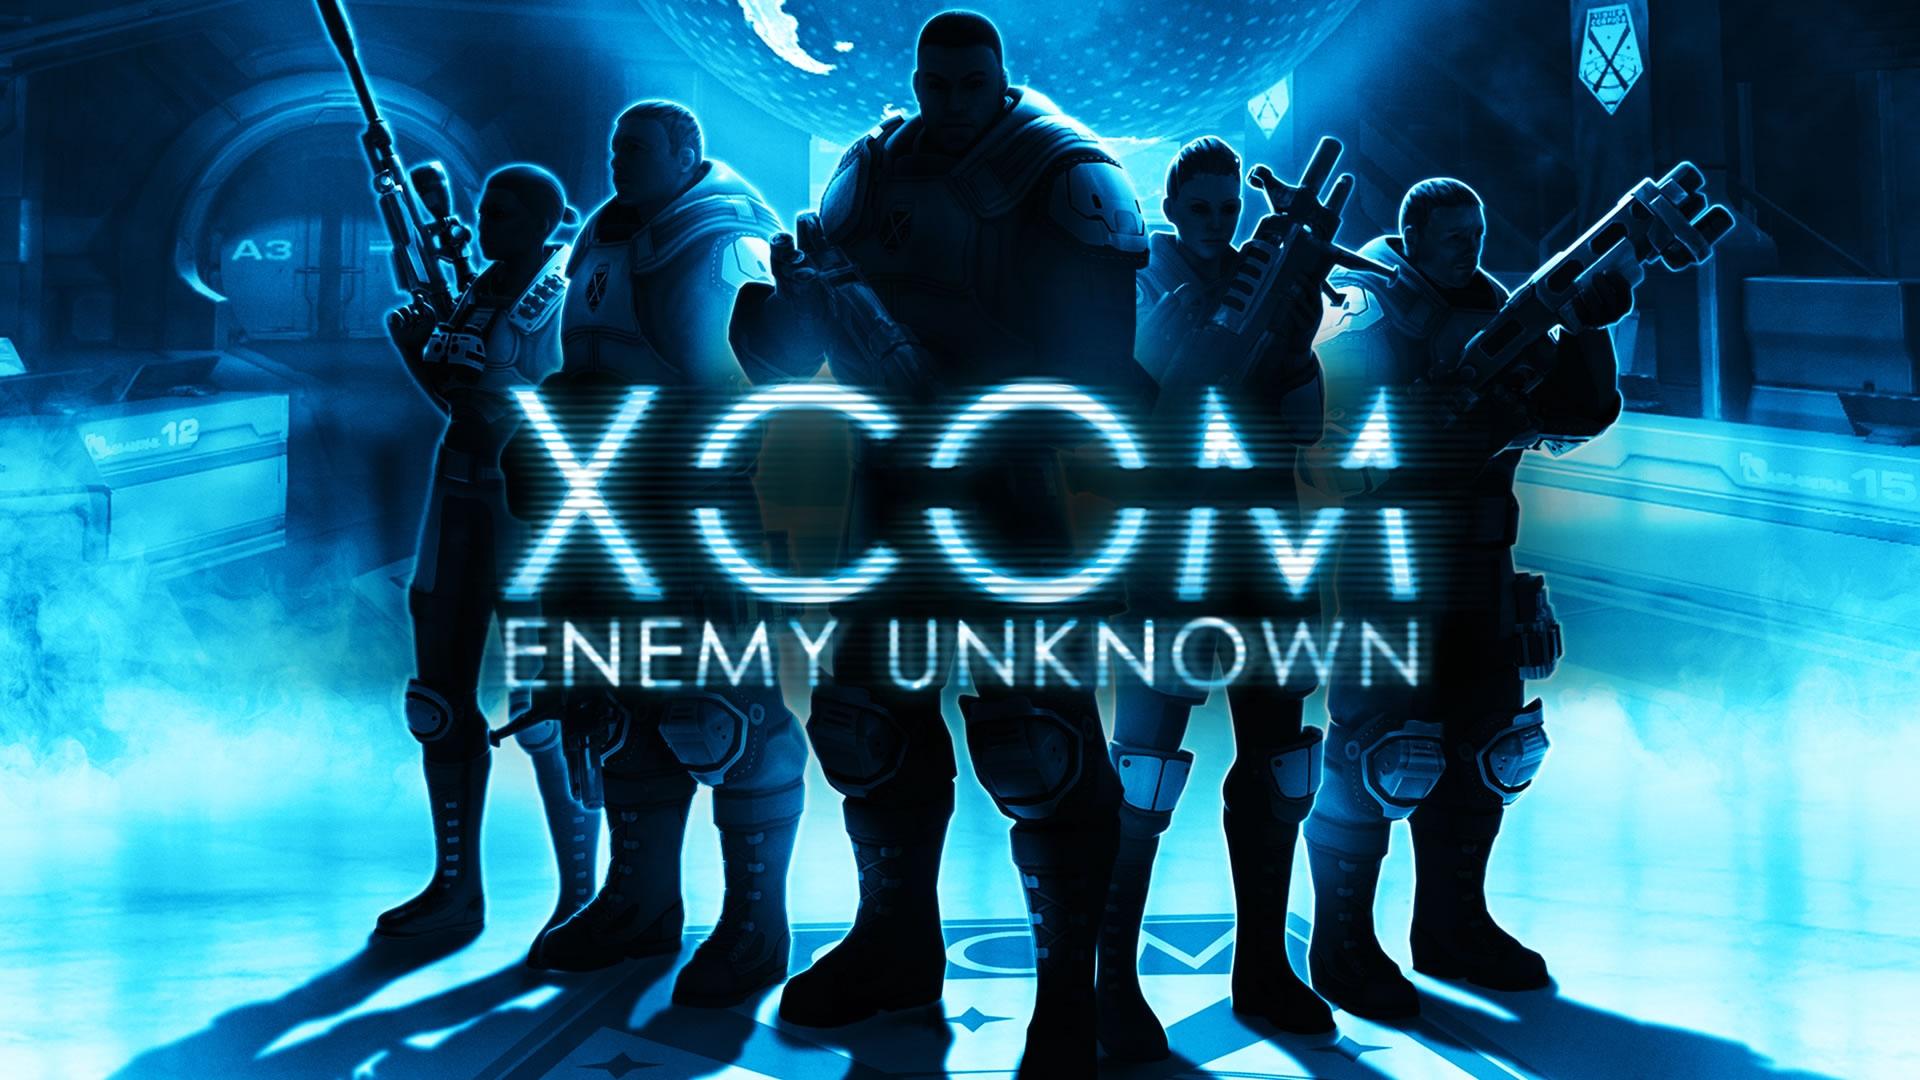 xcom-enemy-unknown feat